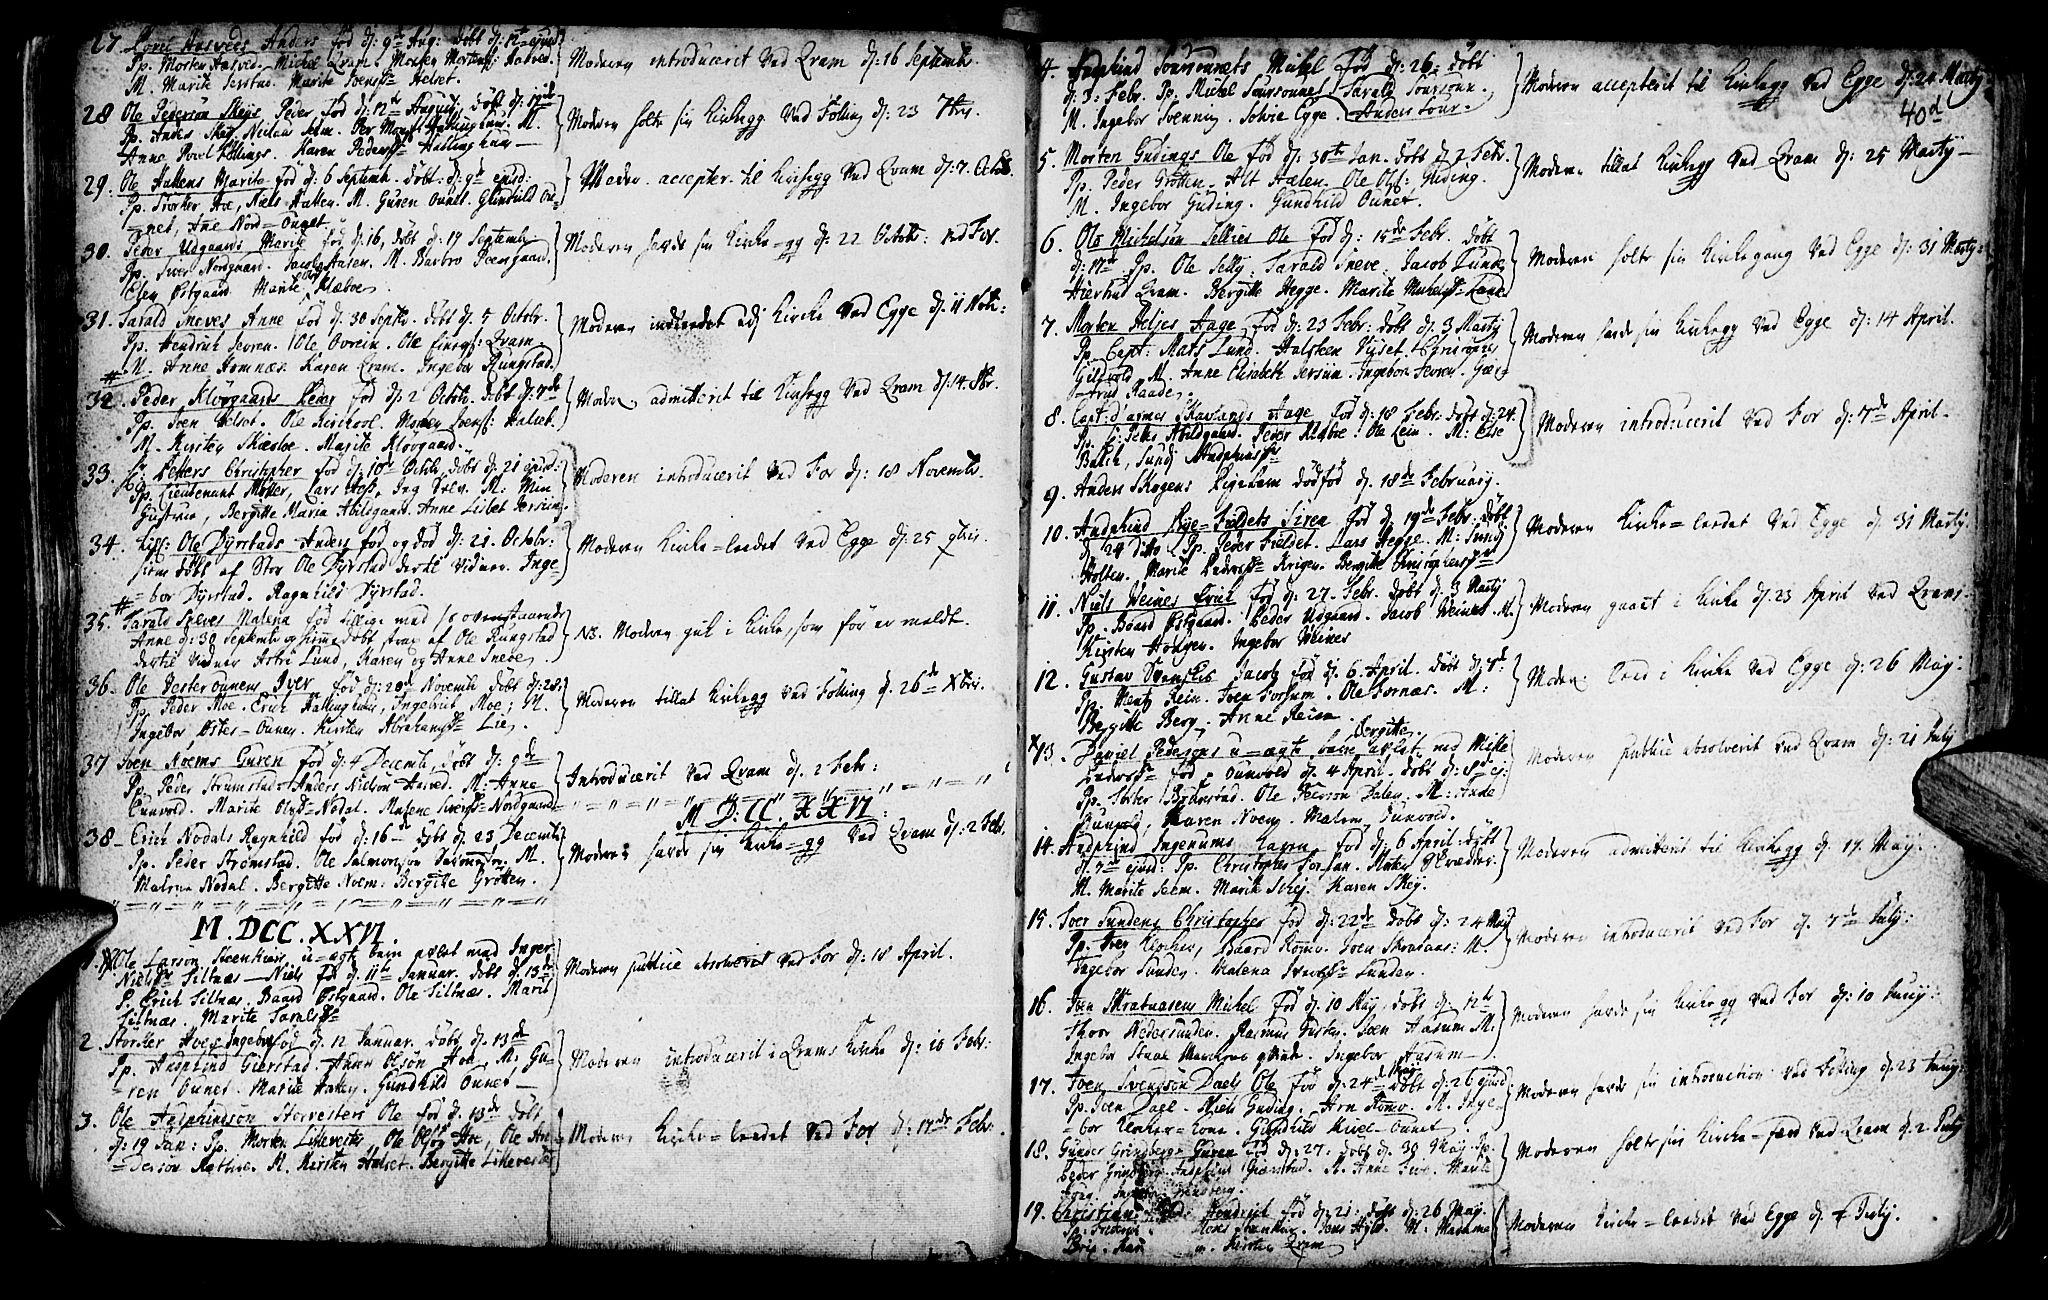 SAT, Ministerialprotokoller, klokkerbøker og fødselsregistre - Nord-Trøndelag, 746/L0439: Ministerialbok nr. 746A01, 1688-1759, s. 40e